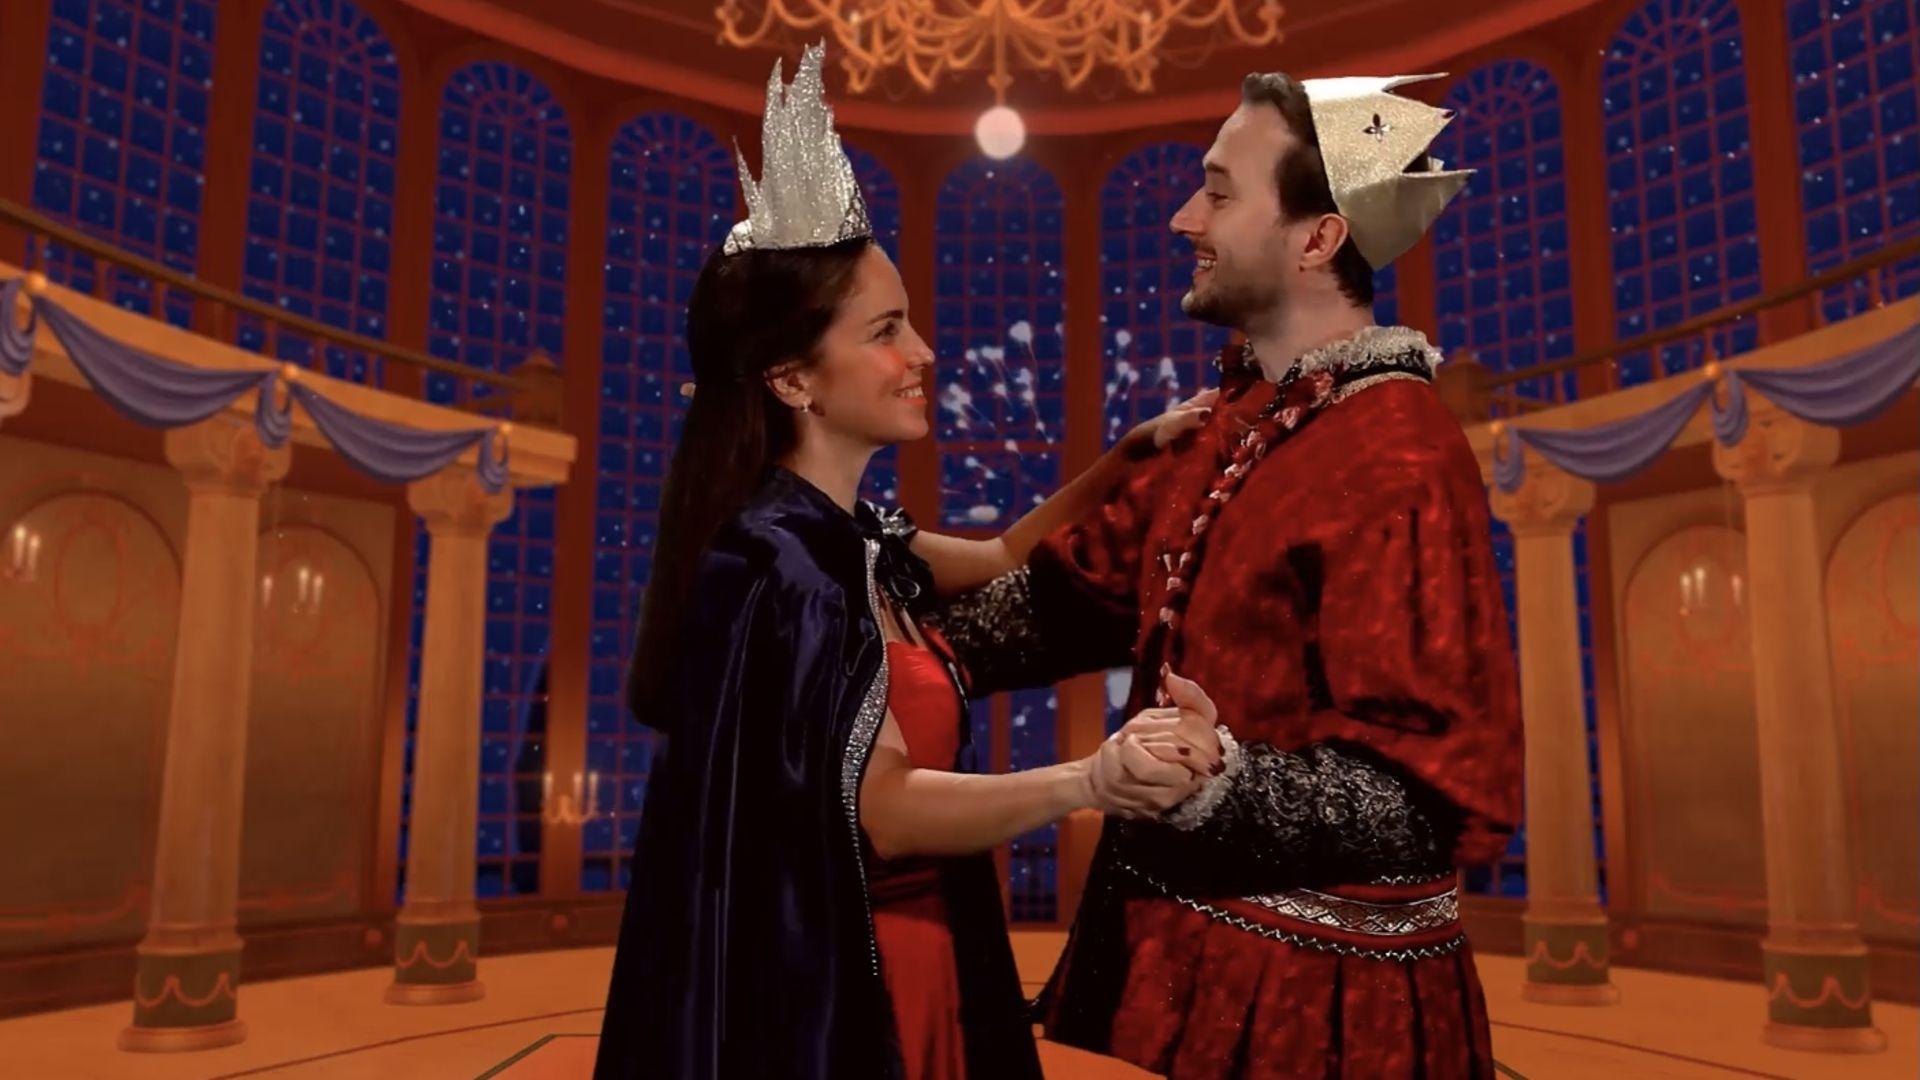 Prenses ve Bezelye Tanesi İş Sanat Masal Tiyatrosu'nda